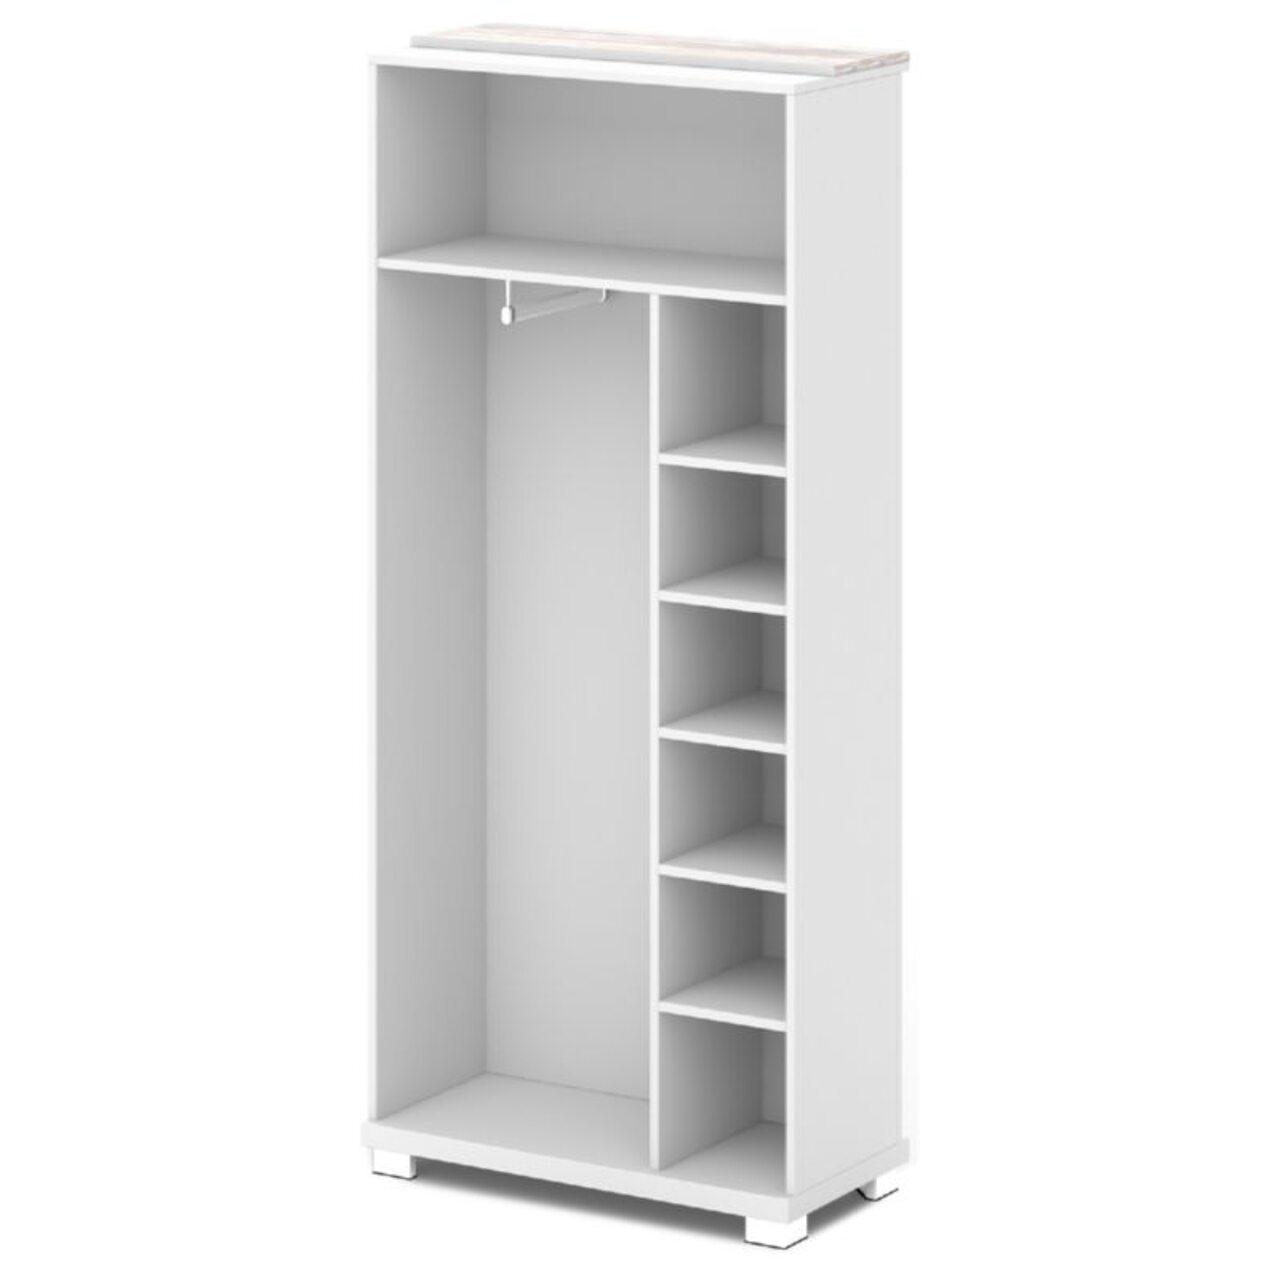 Каркас шкафа для одежды центральный  GRACE 90x44x205 - фото 4